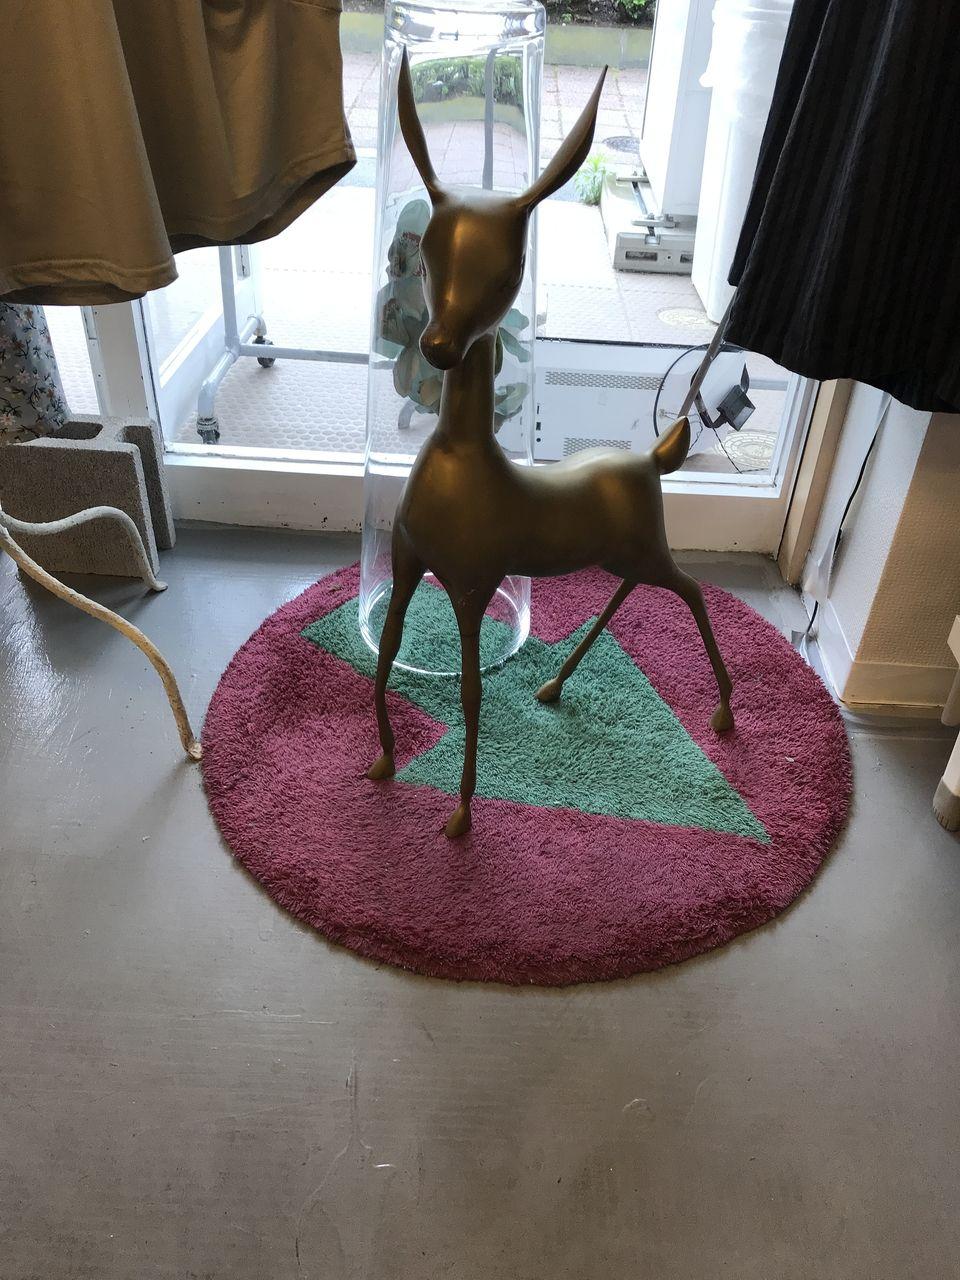 行徳のINTERNATIONAL AIRPORTの小鹿